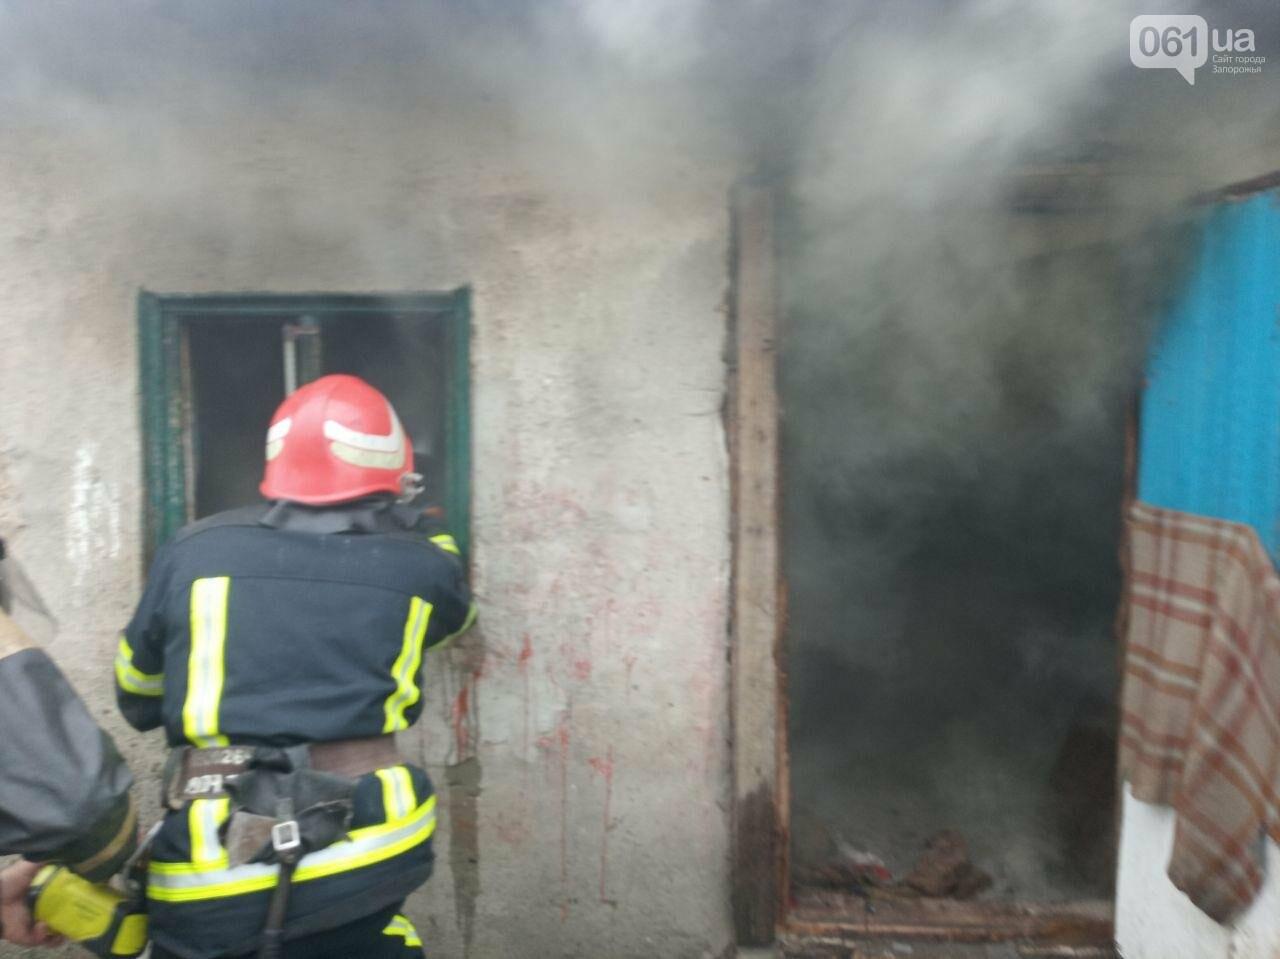 photo2021 06 0208 43 05 60b724308a424 - В Запорожской области во время пожара пострадала 46-летняя женщина